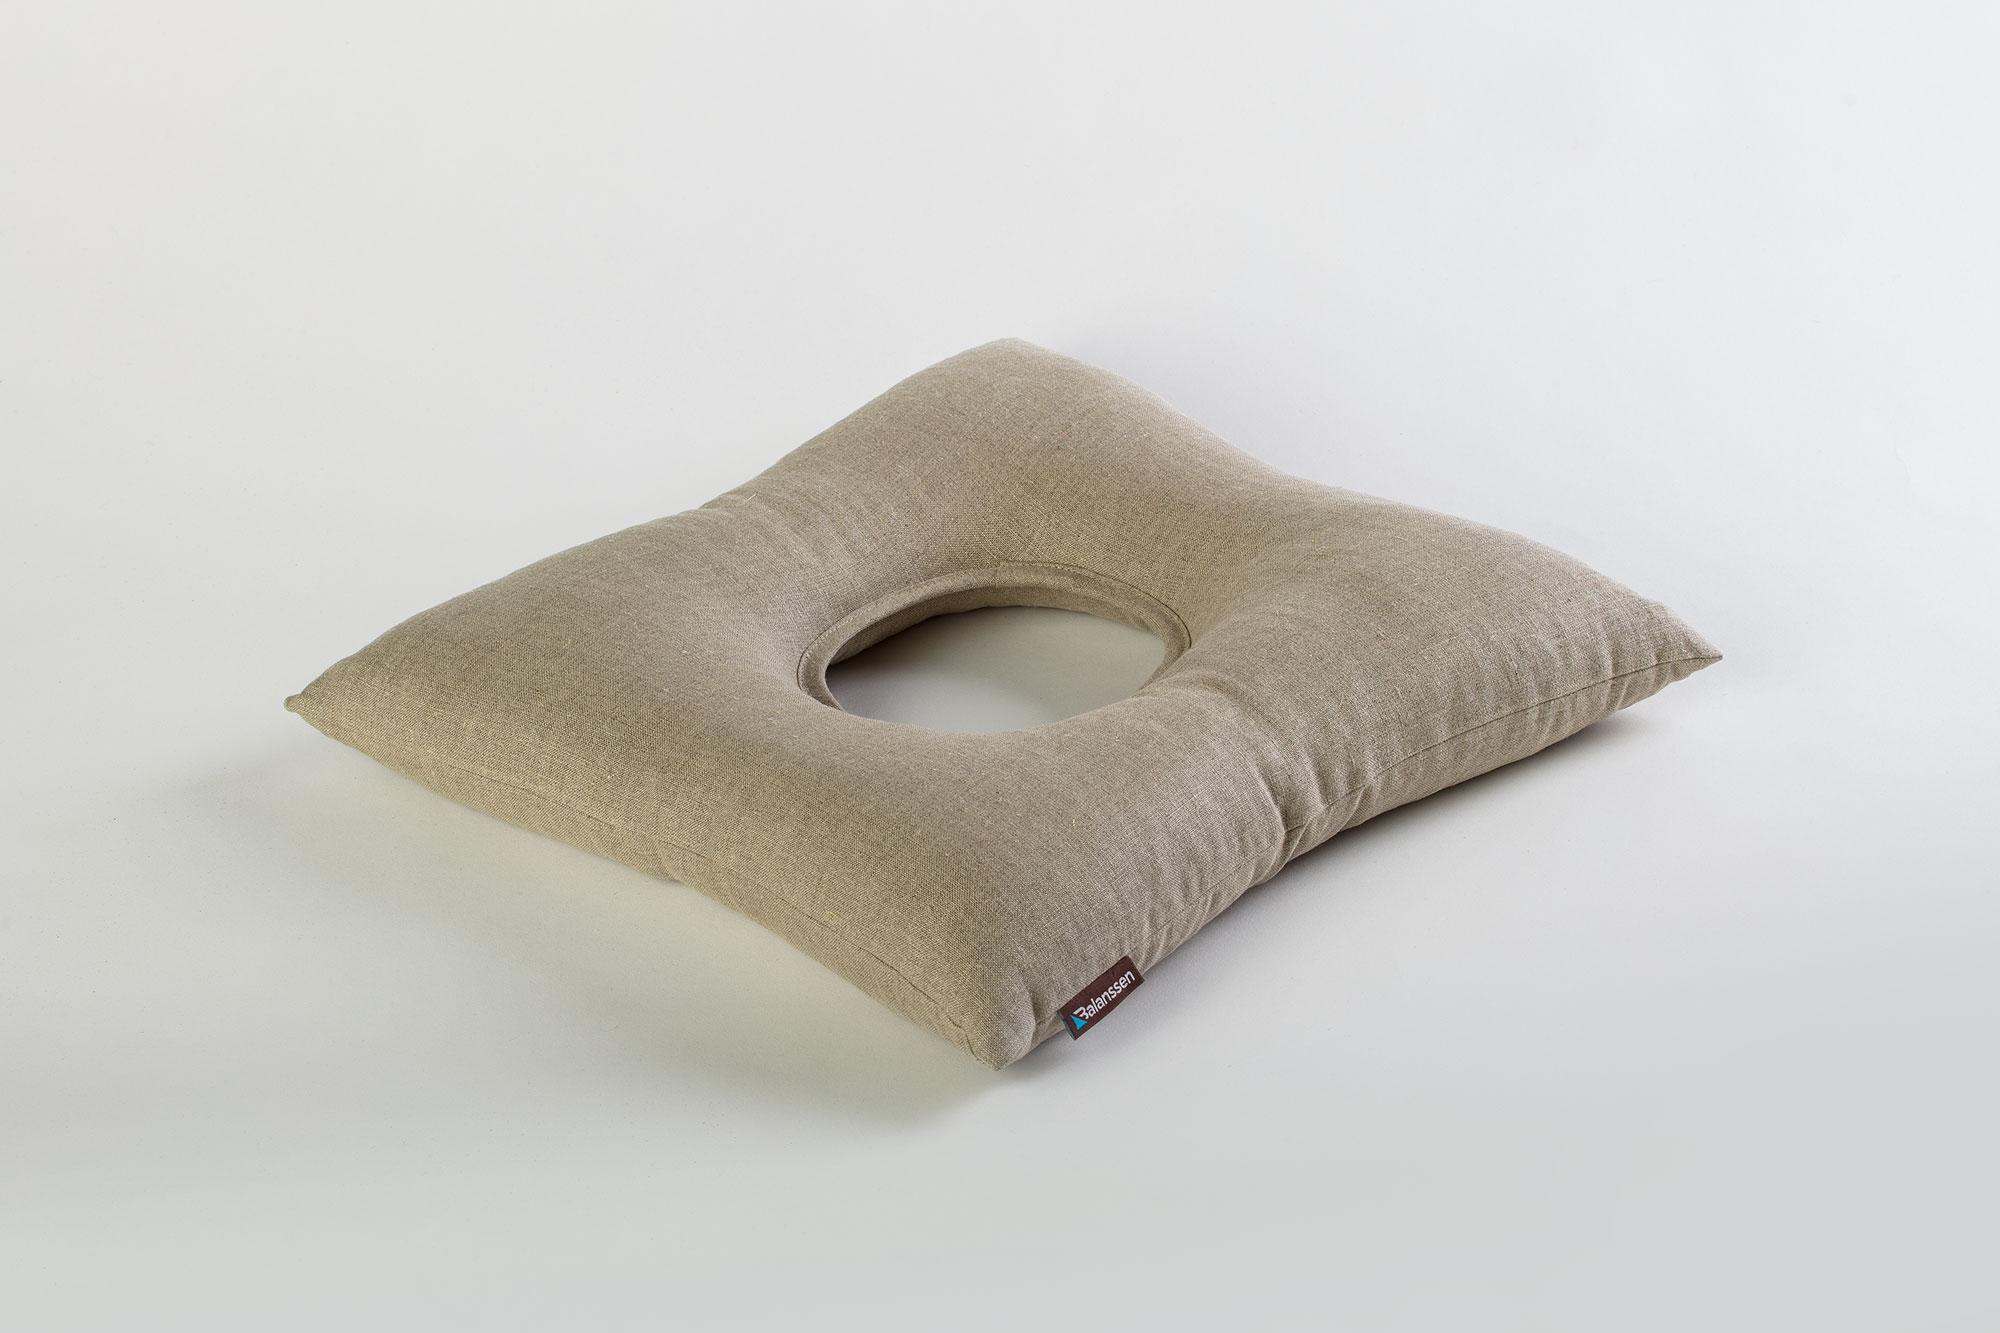 Poduszka gryczana ReliefSit len